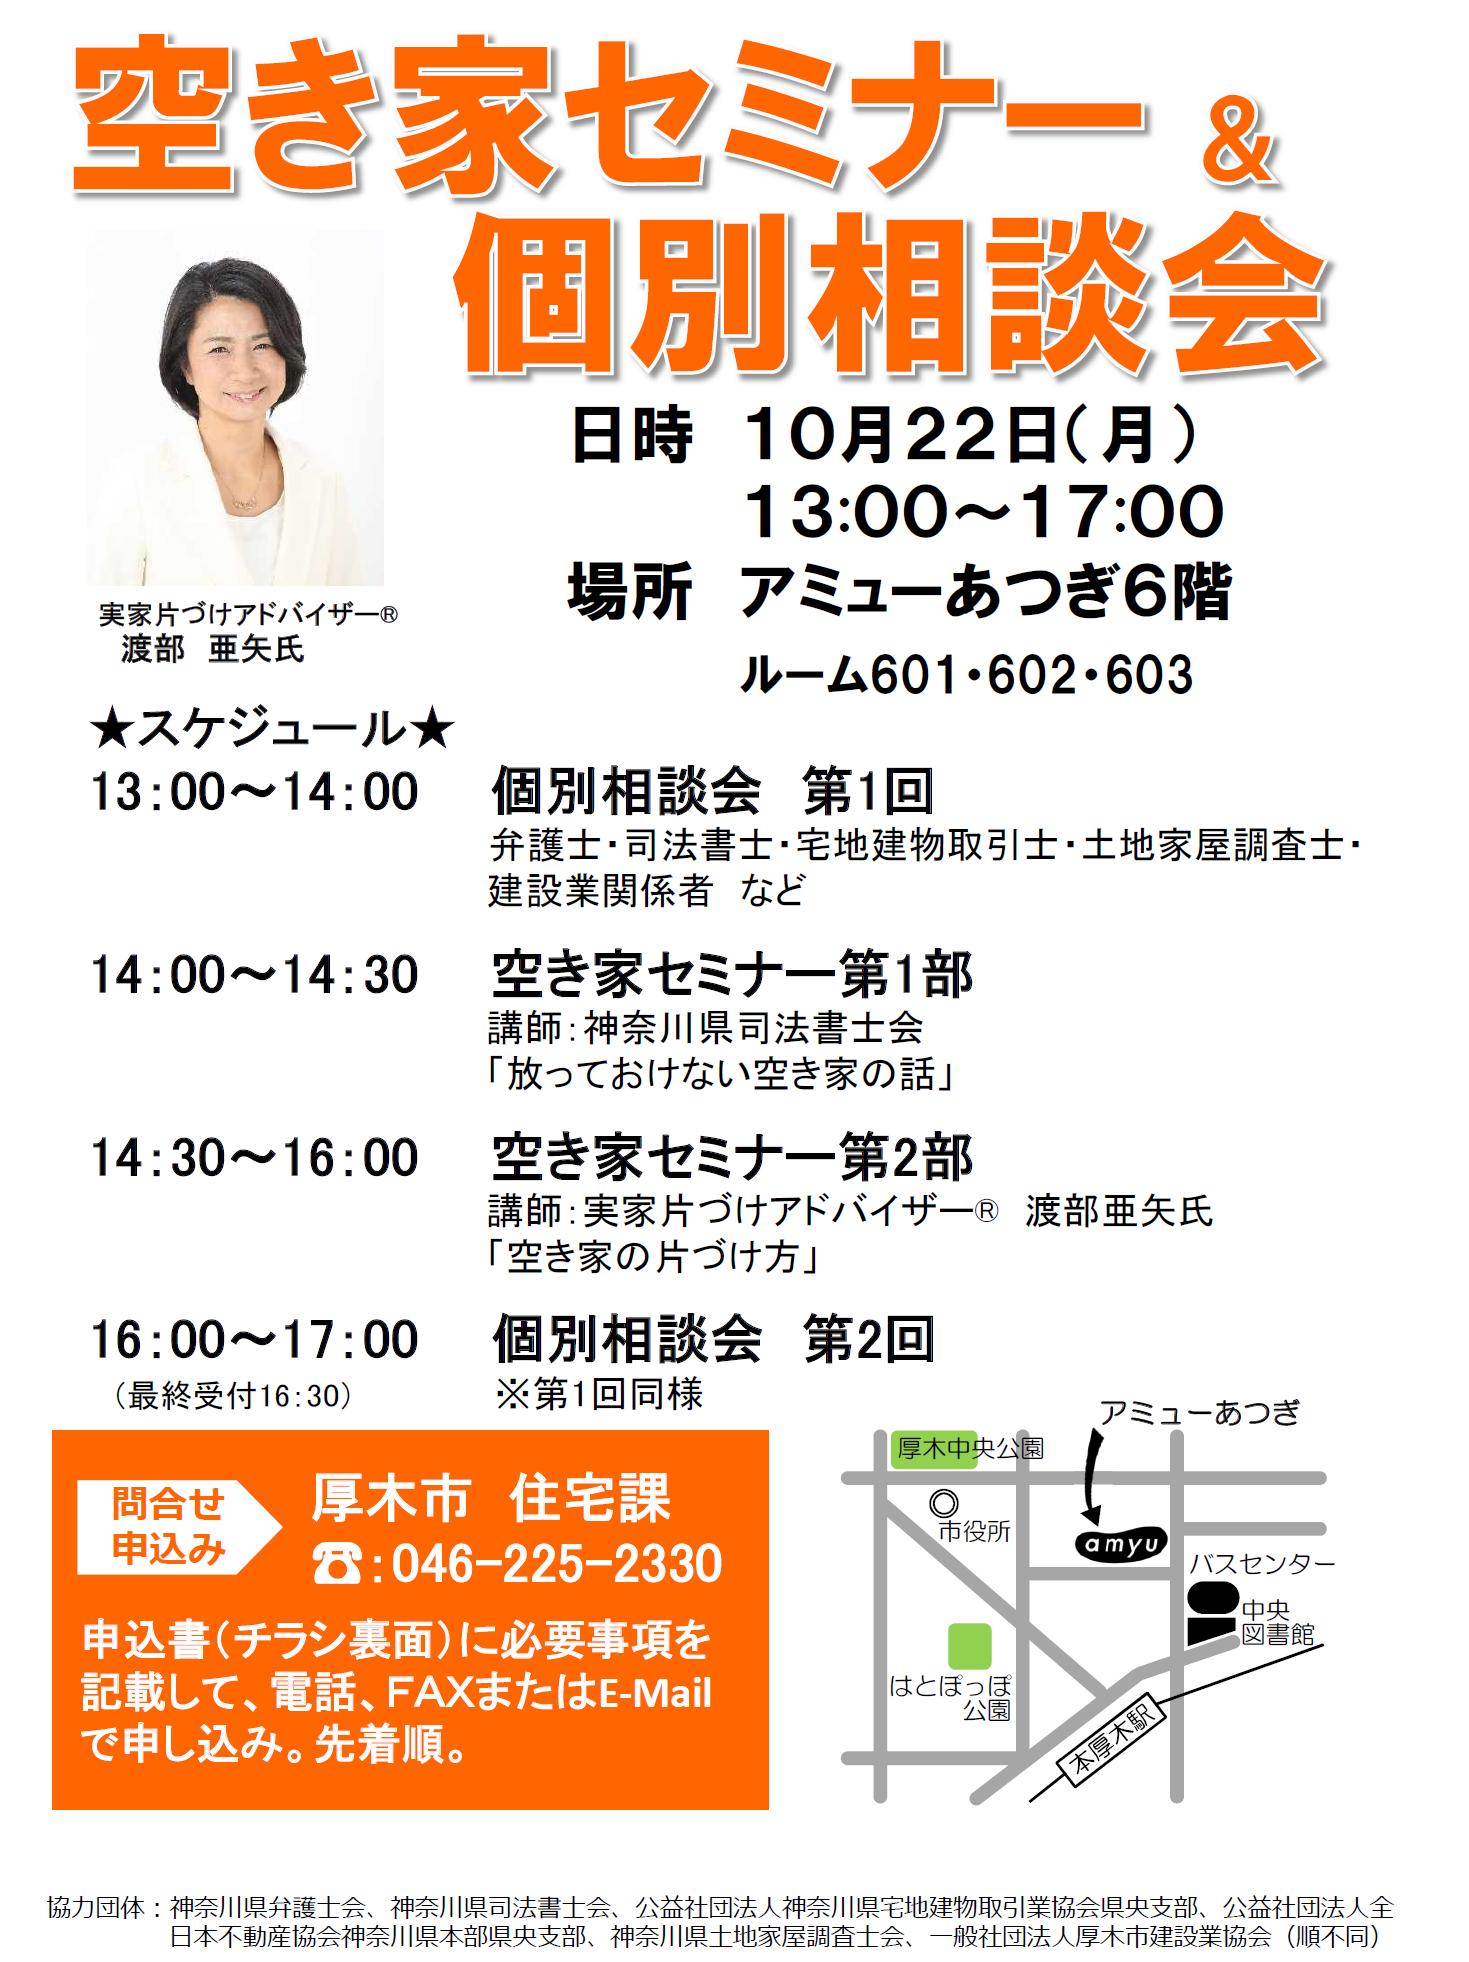 【神奈川厚木】空き家セミナー&住まいや空き家の相談会 無料